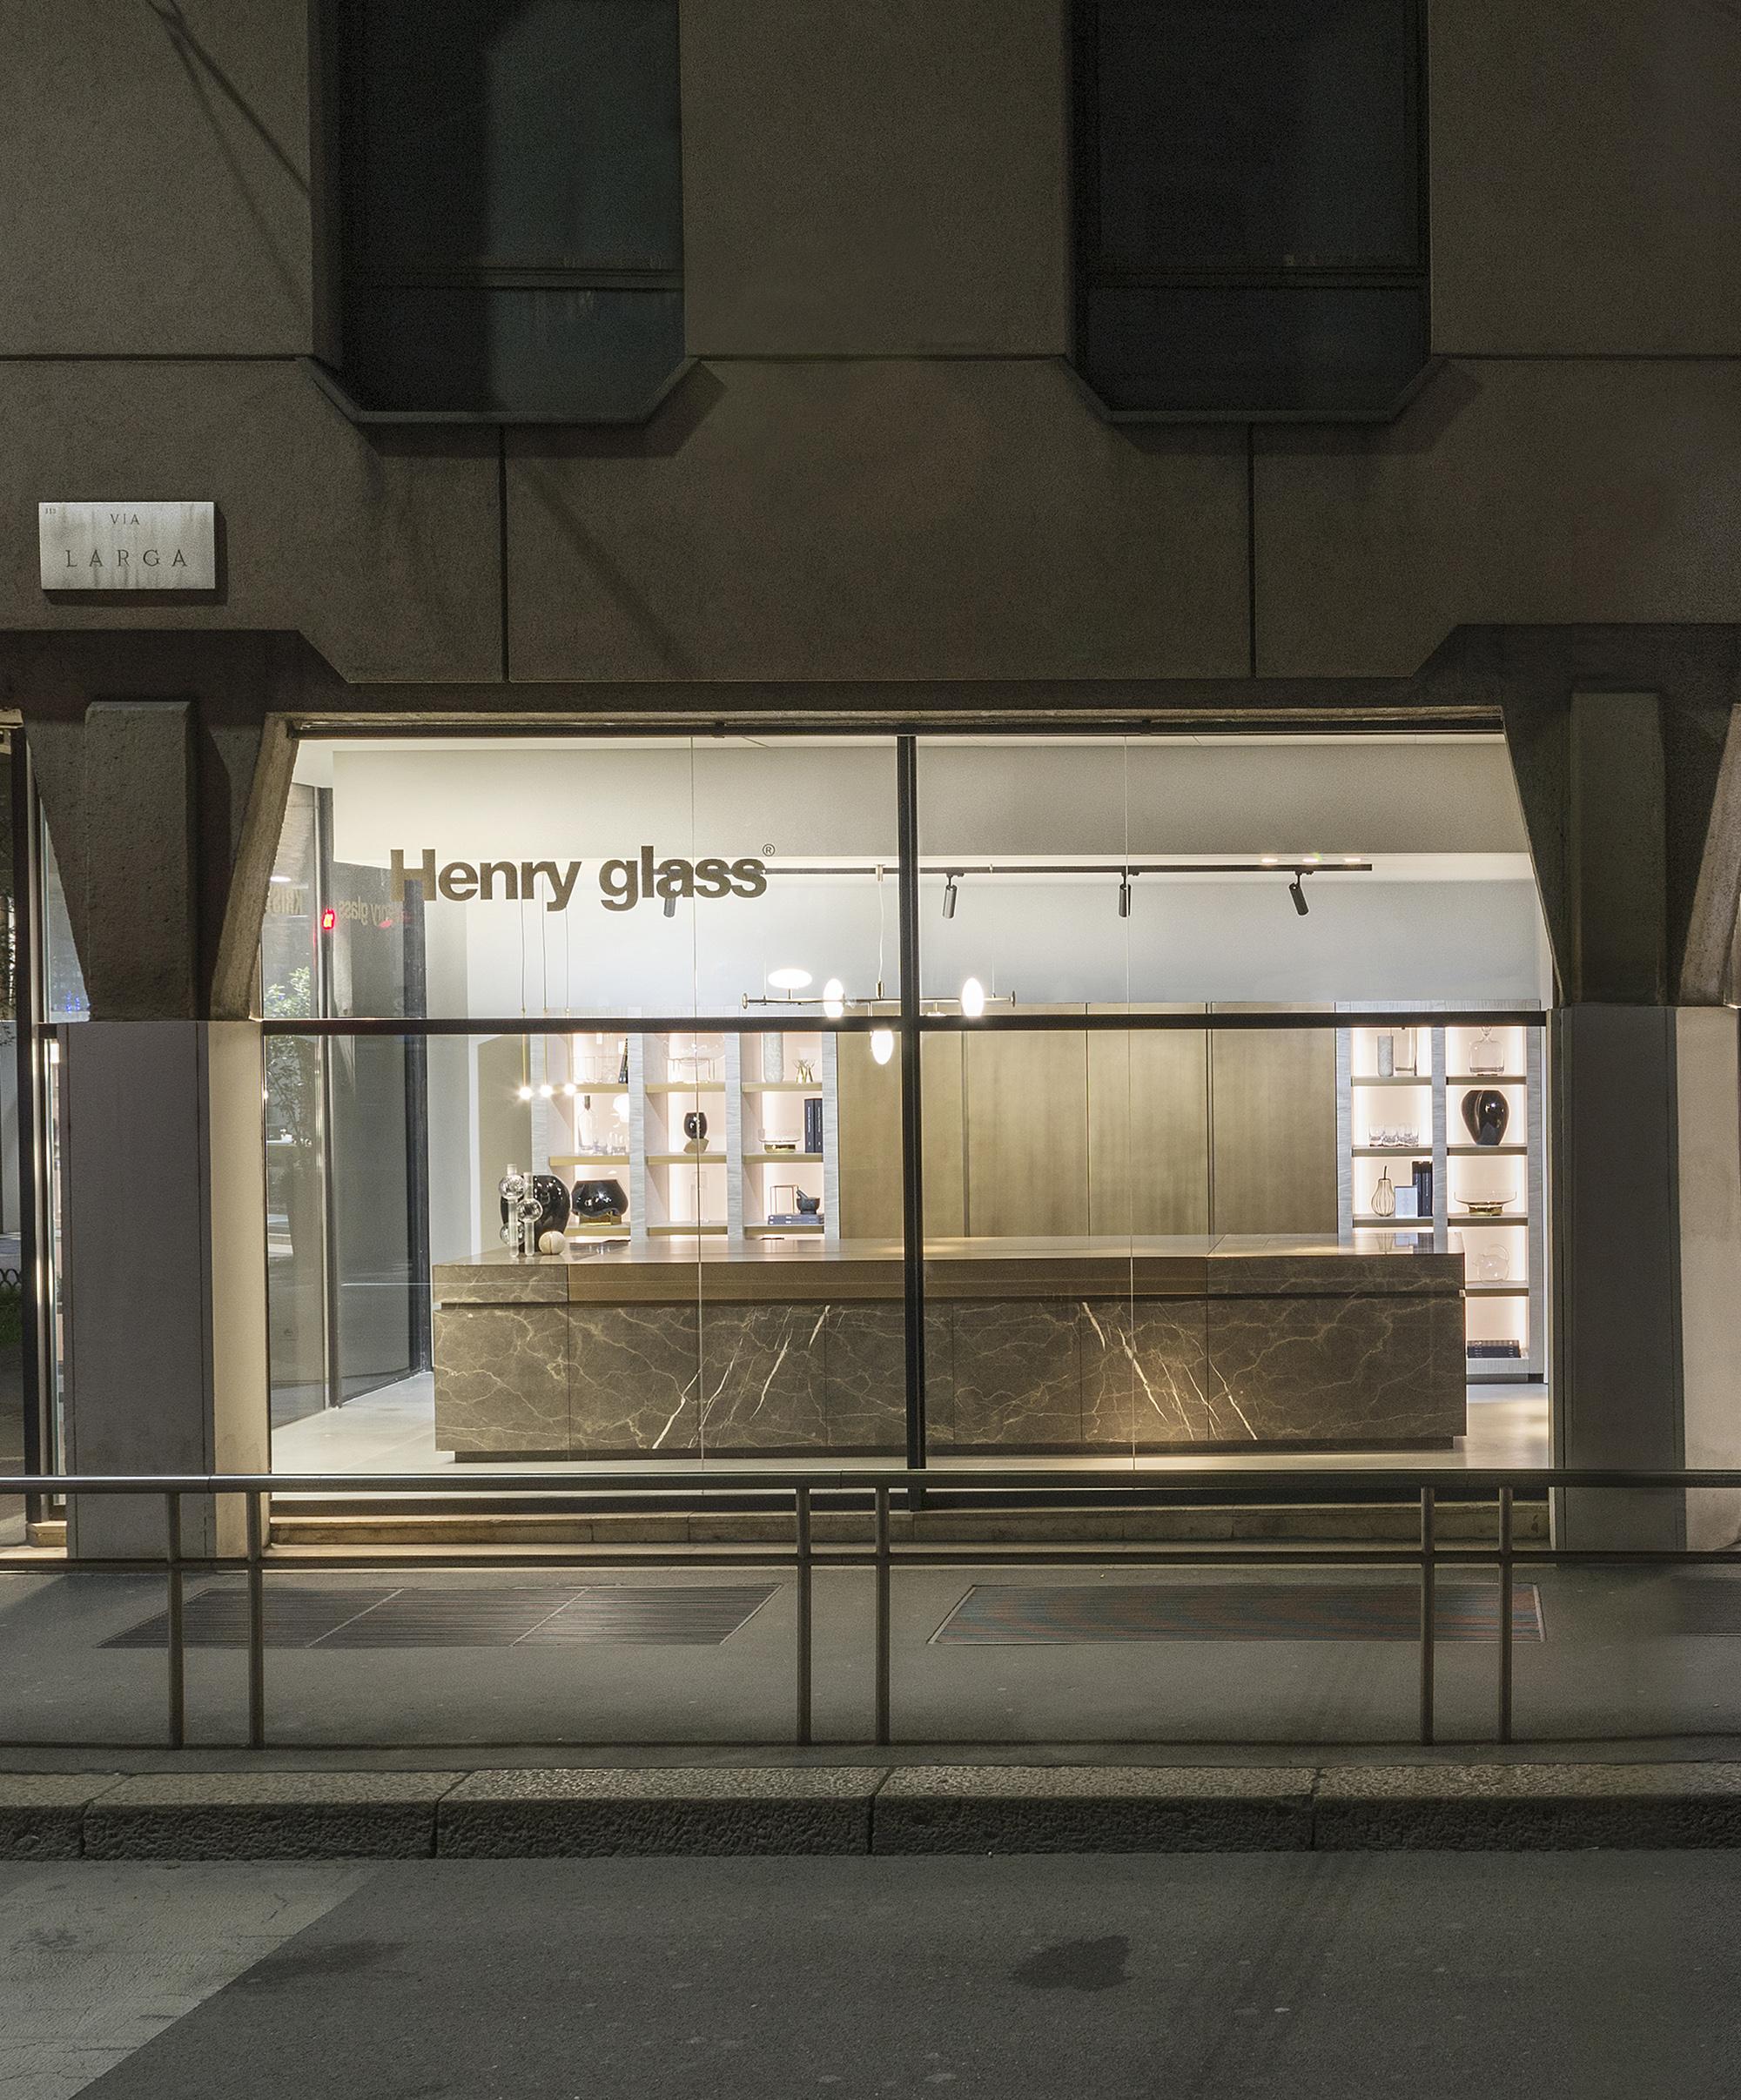 Via Larga 3. A Milano, TM Italia abita un nuovo spazio espositivo dedicato all'alto design italiano. - TM_MI19_Vetrina-Neolite-copy